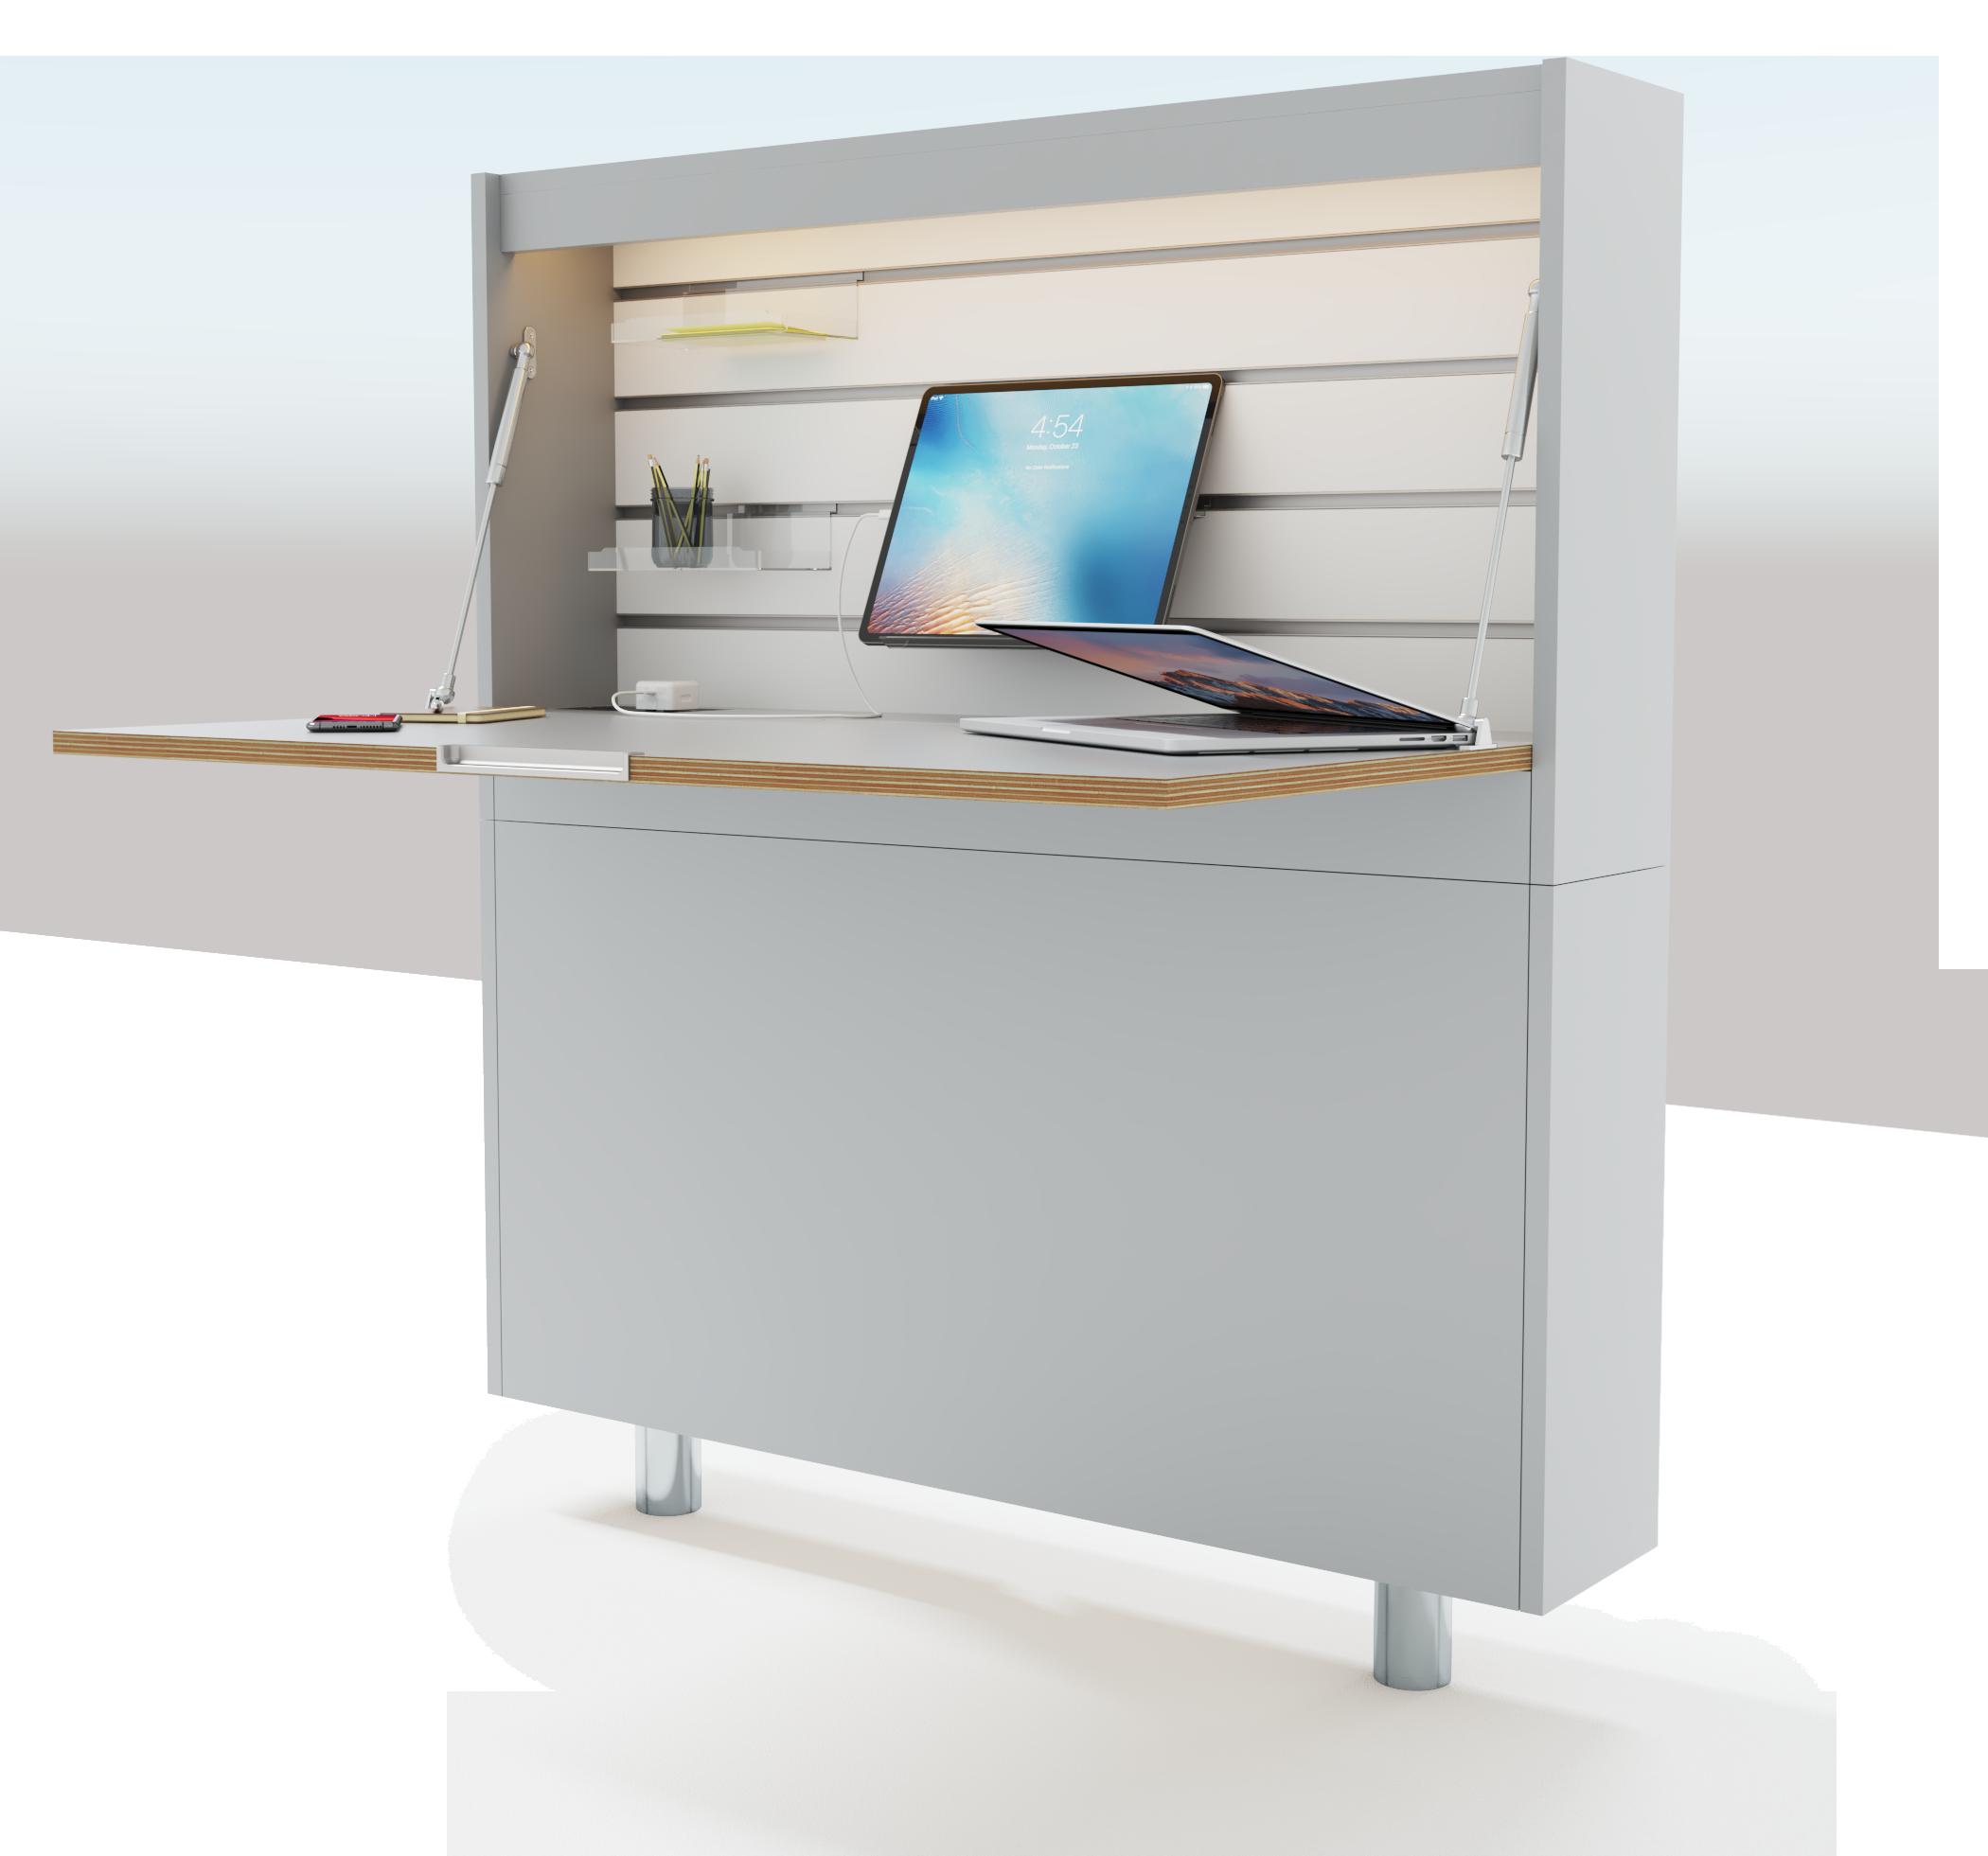 JSJUK Work @ Home Solution Desk Grey